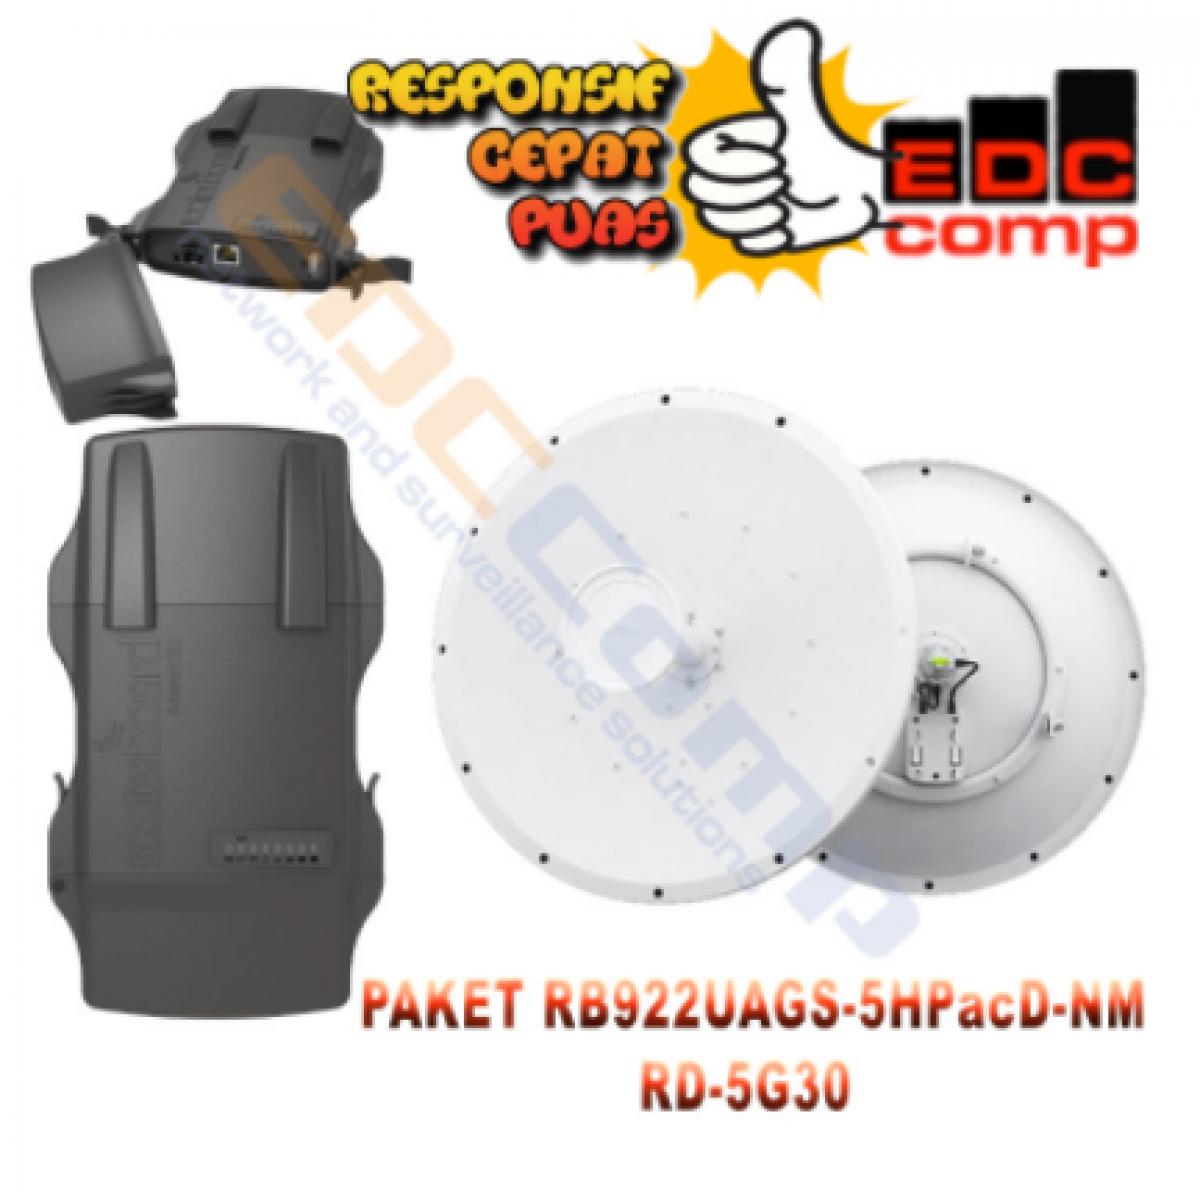 Paket MikroTik Netmetal 5-e / RB922UAGS-5HPacD-NM + UBNT RD-5G30 - EdcComp